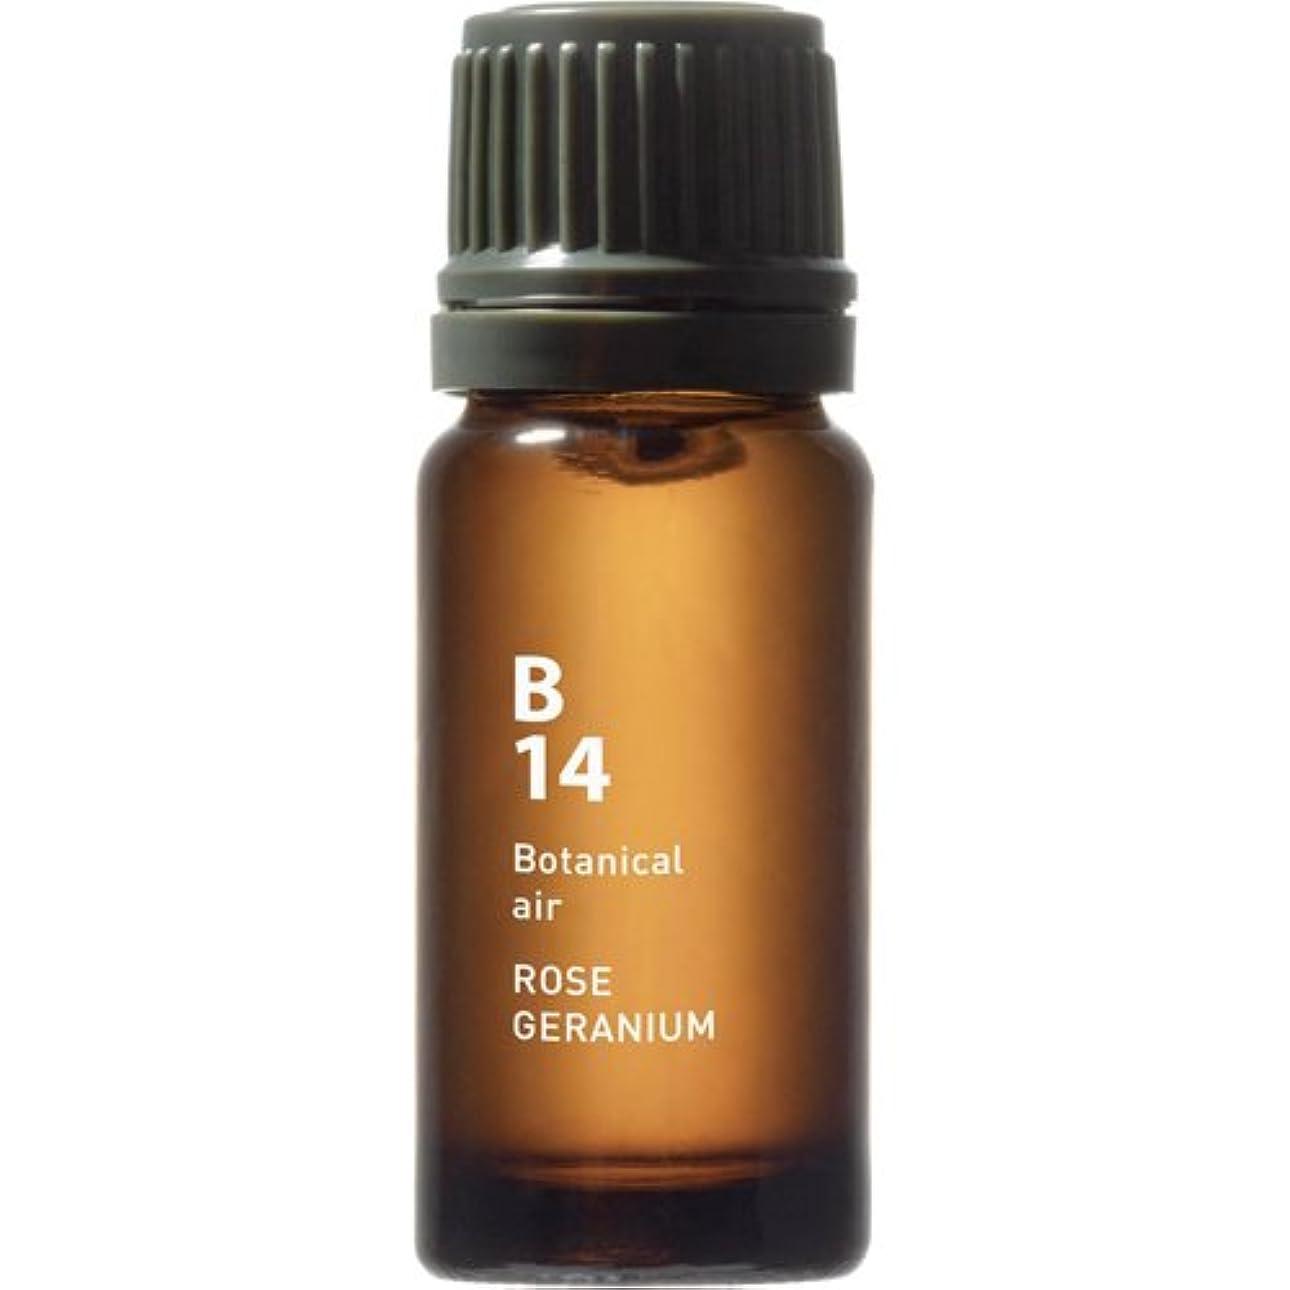 牧草地リファイン着実にB14 ローズゼラニウム Botanical air(ボタニカルエアー) 10ml